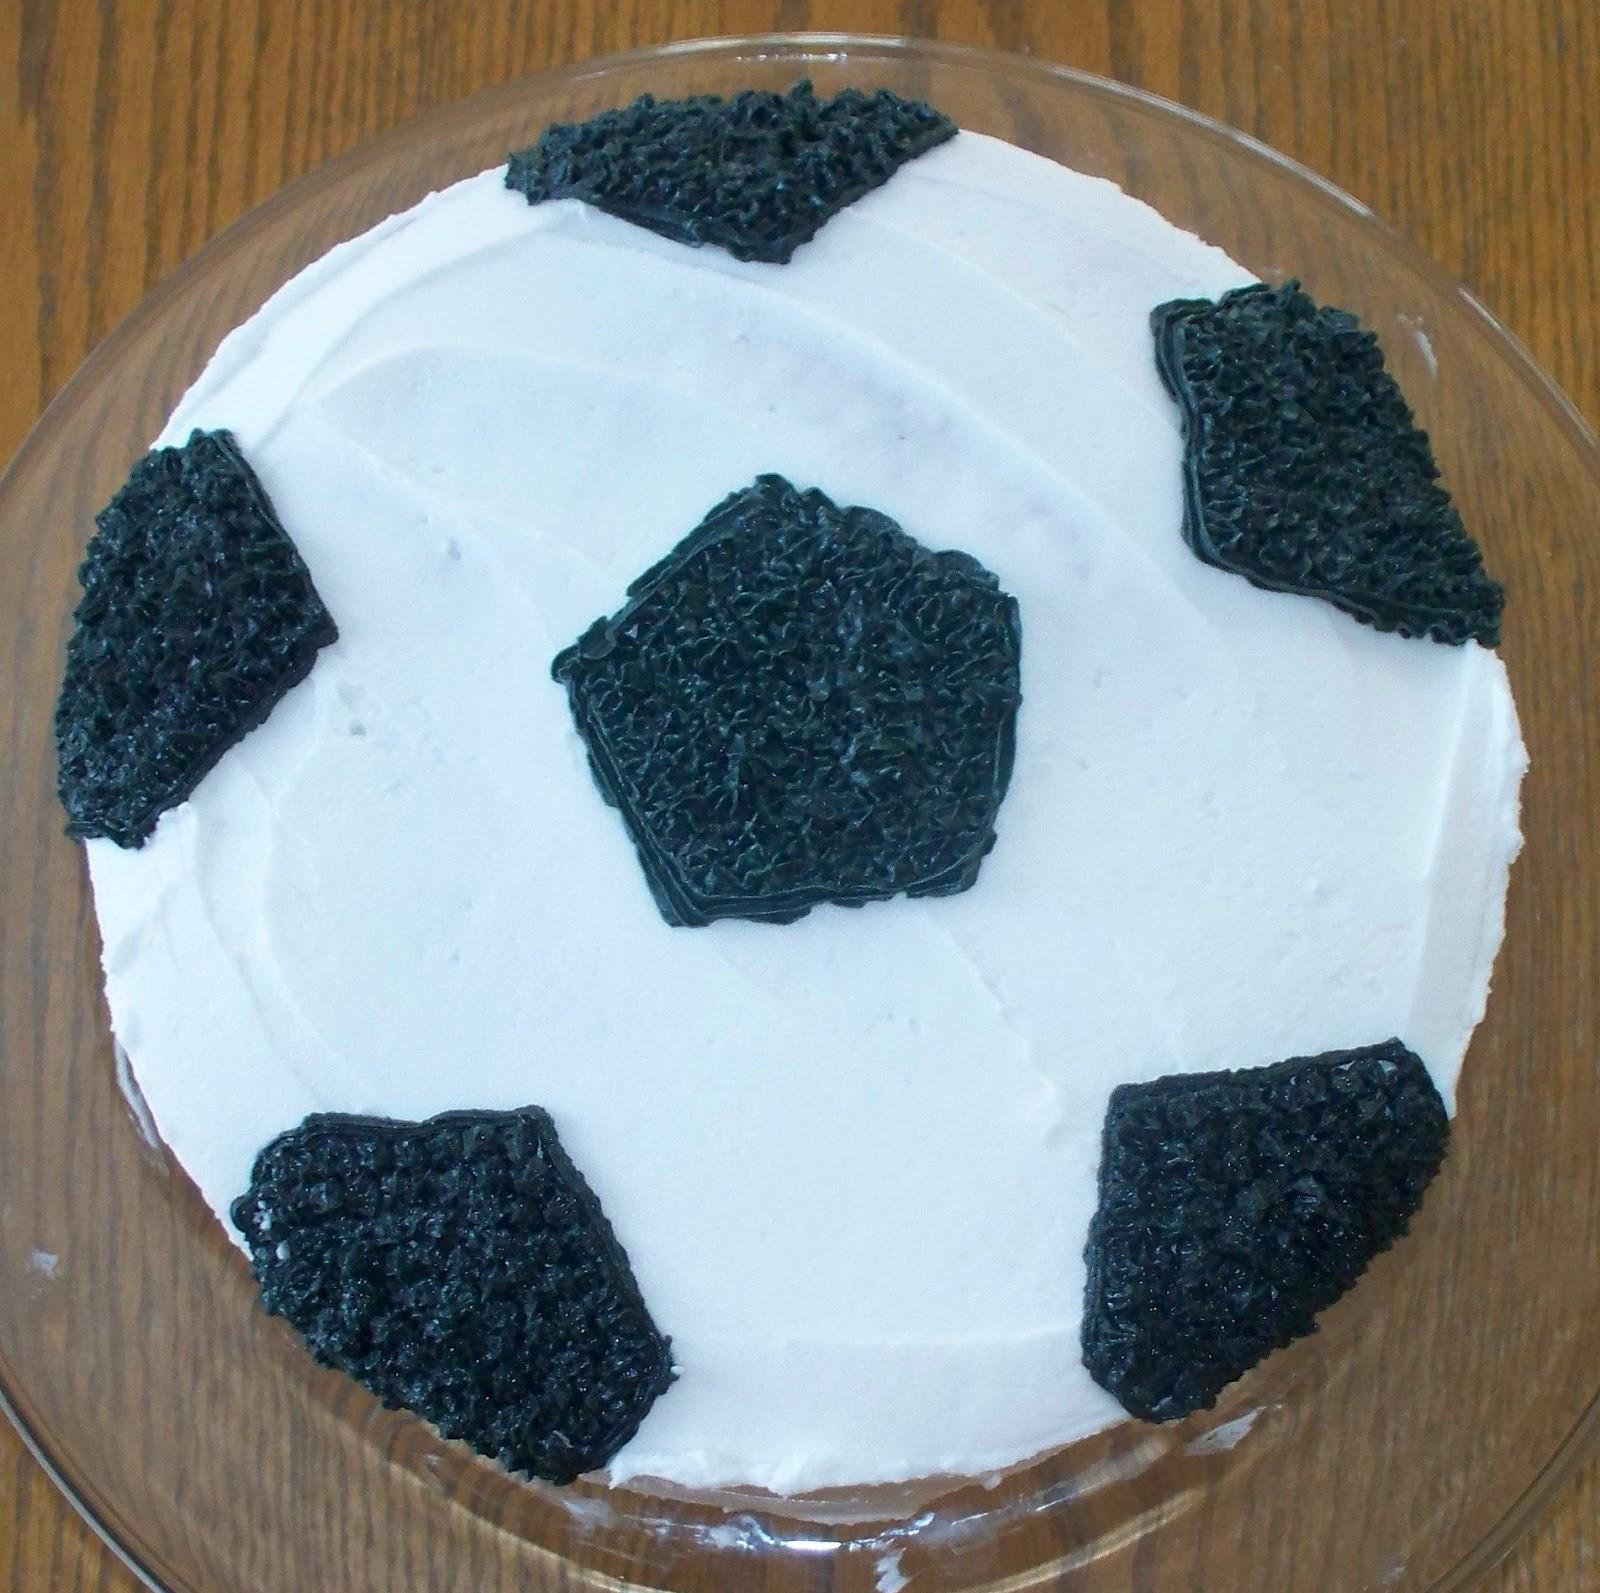 Images Of Soccer Ball Cake : Make Do: Soccer Ball Cake